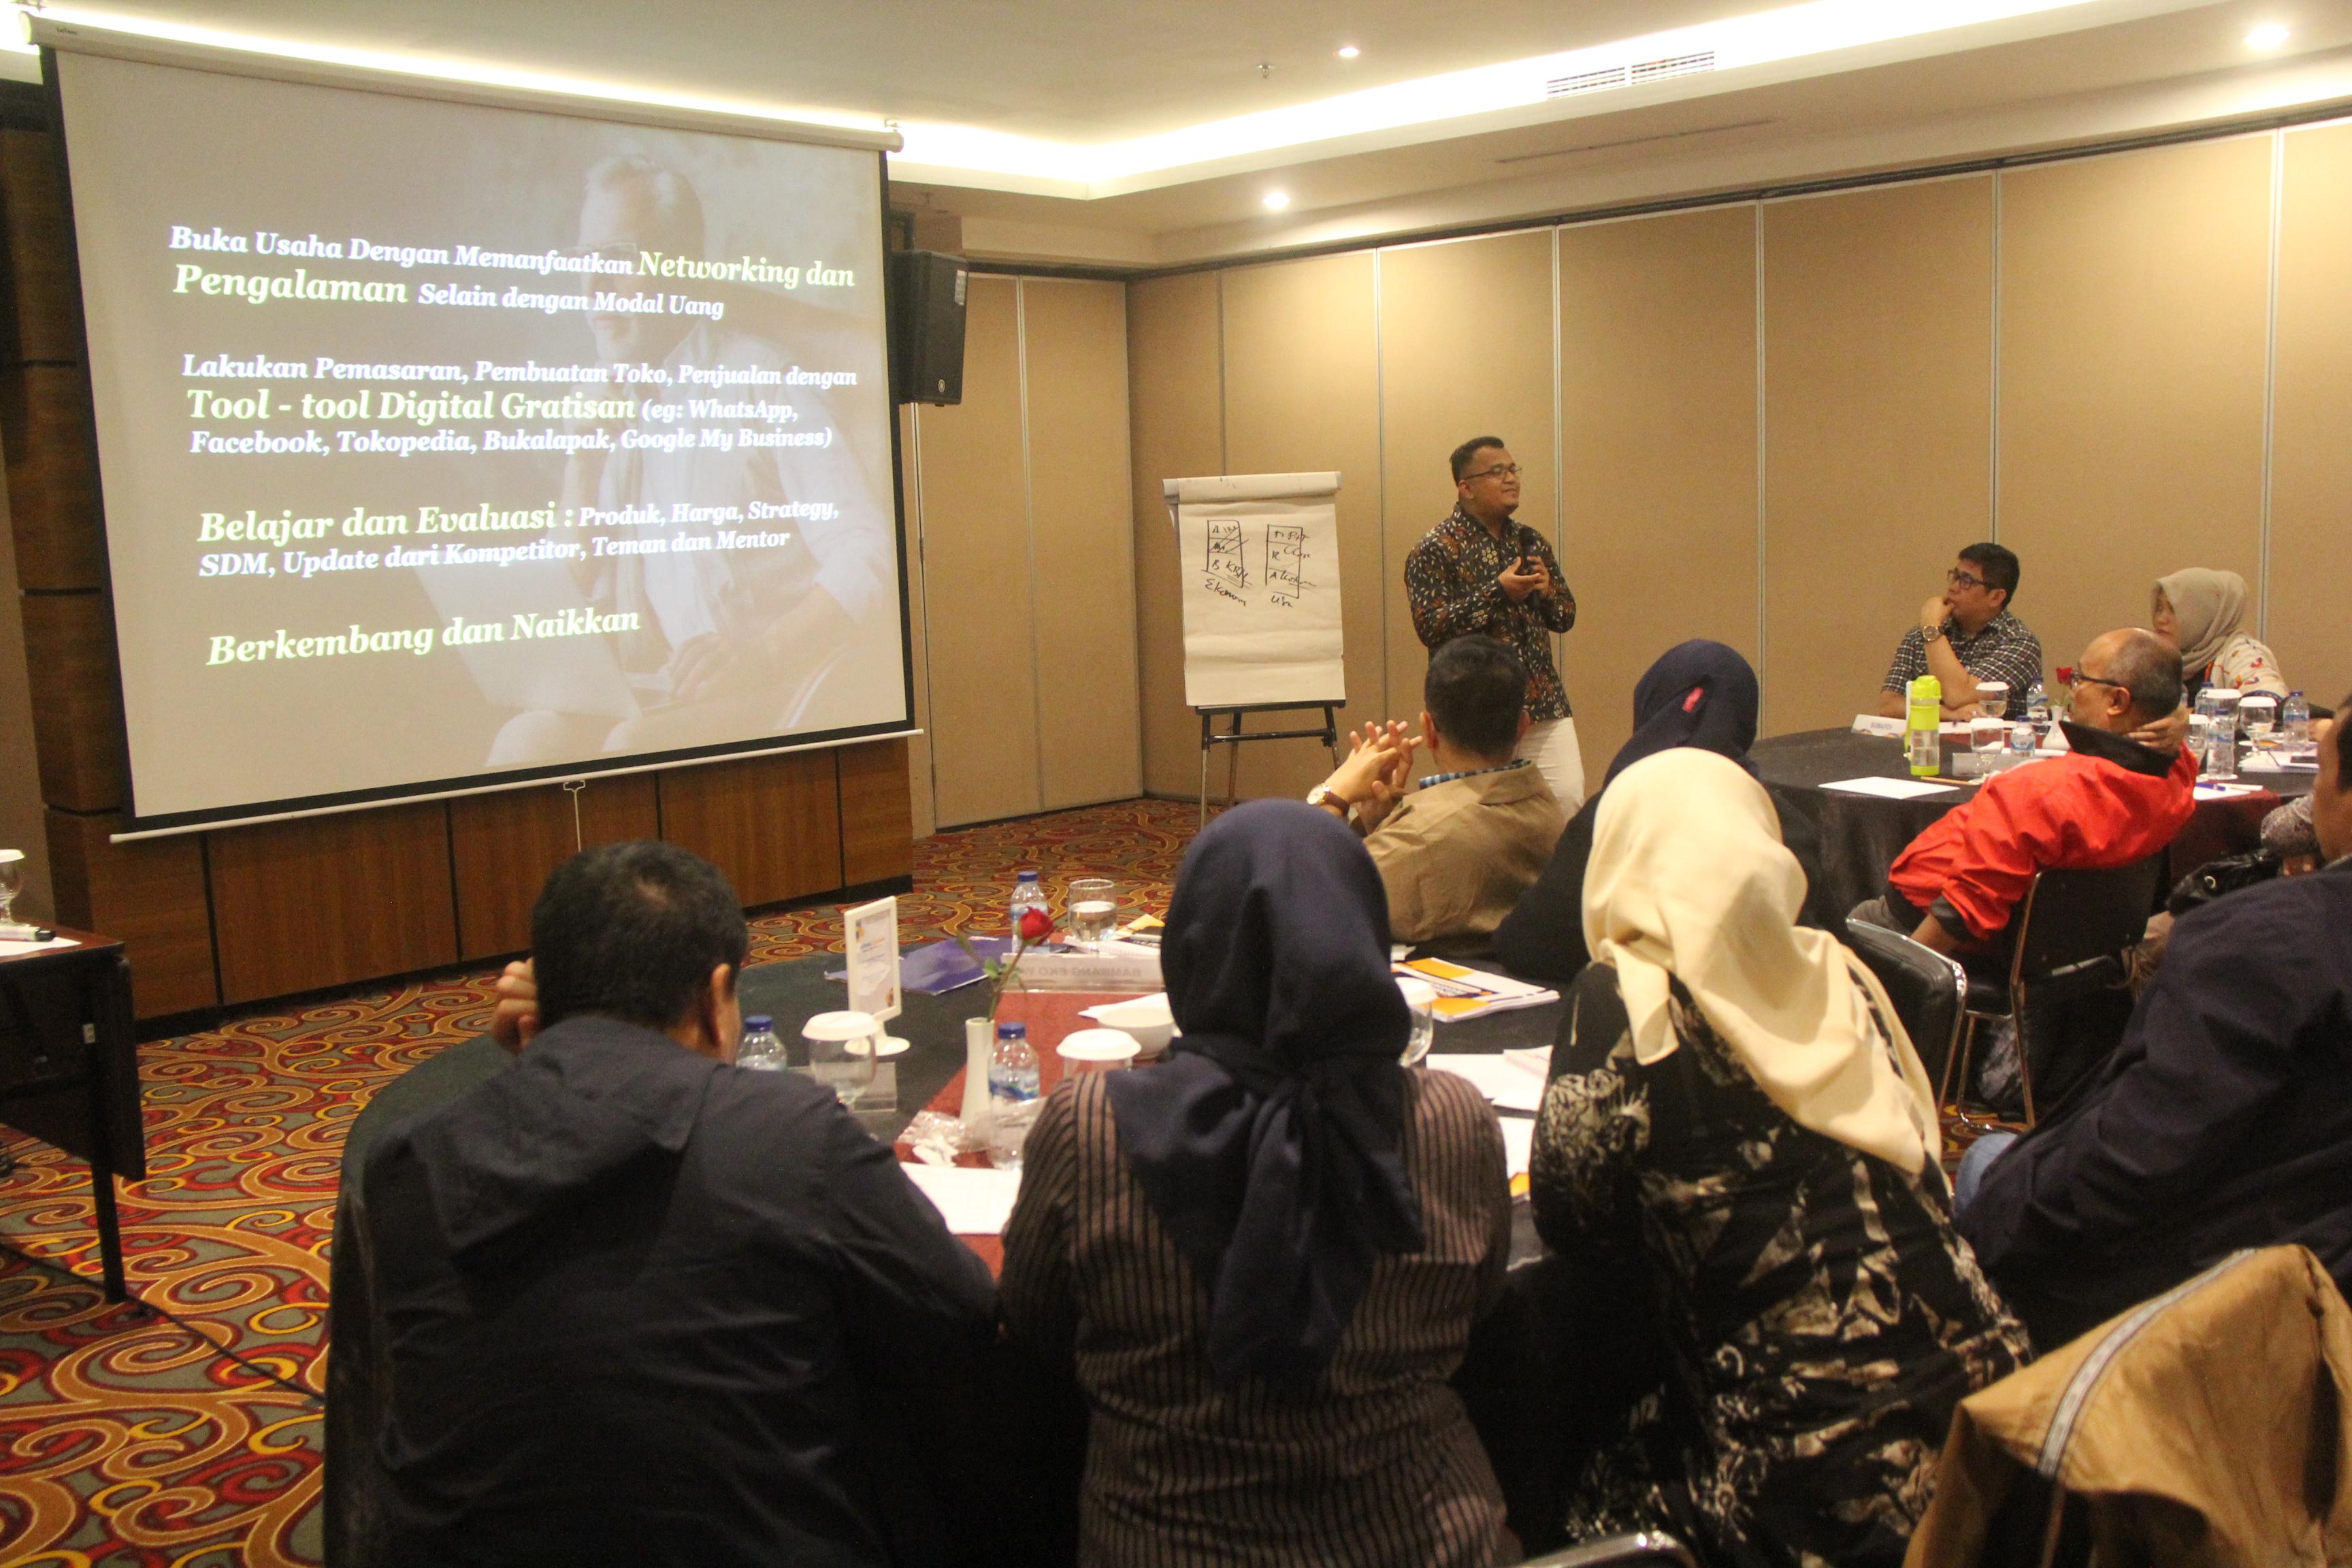 Bang Aben Ngisi Pelatihan Digital Marketing Untuk Pensiunan Bank Mandiri Se-Indonesia. Antusias!